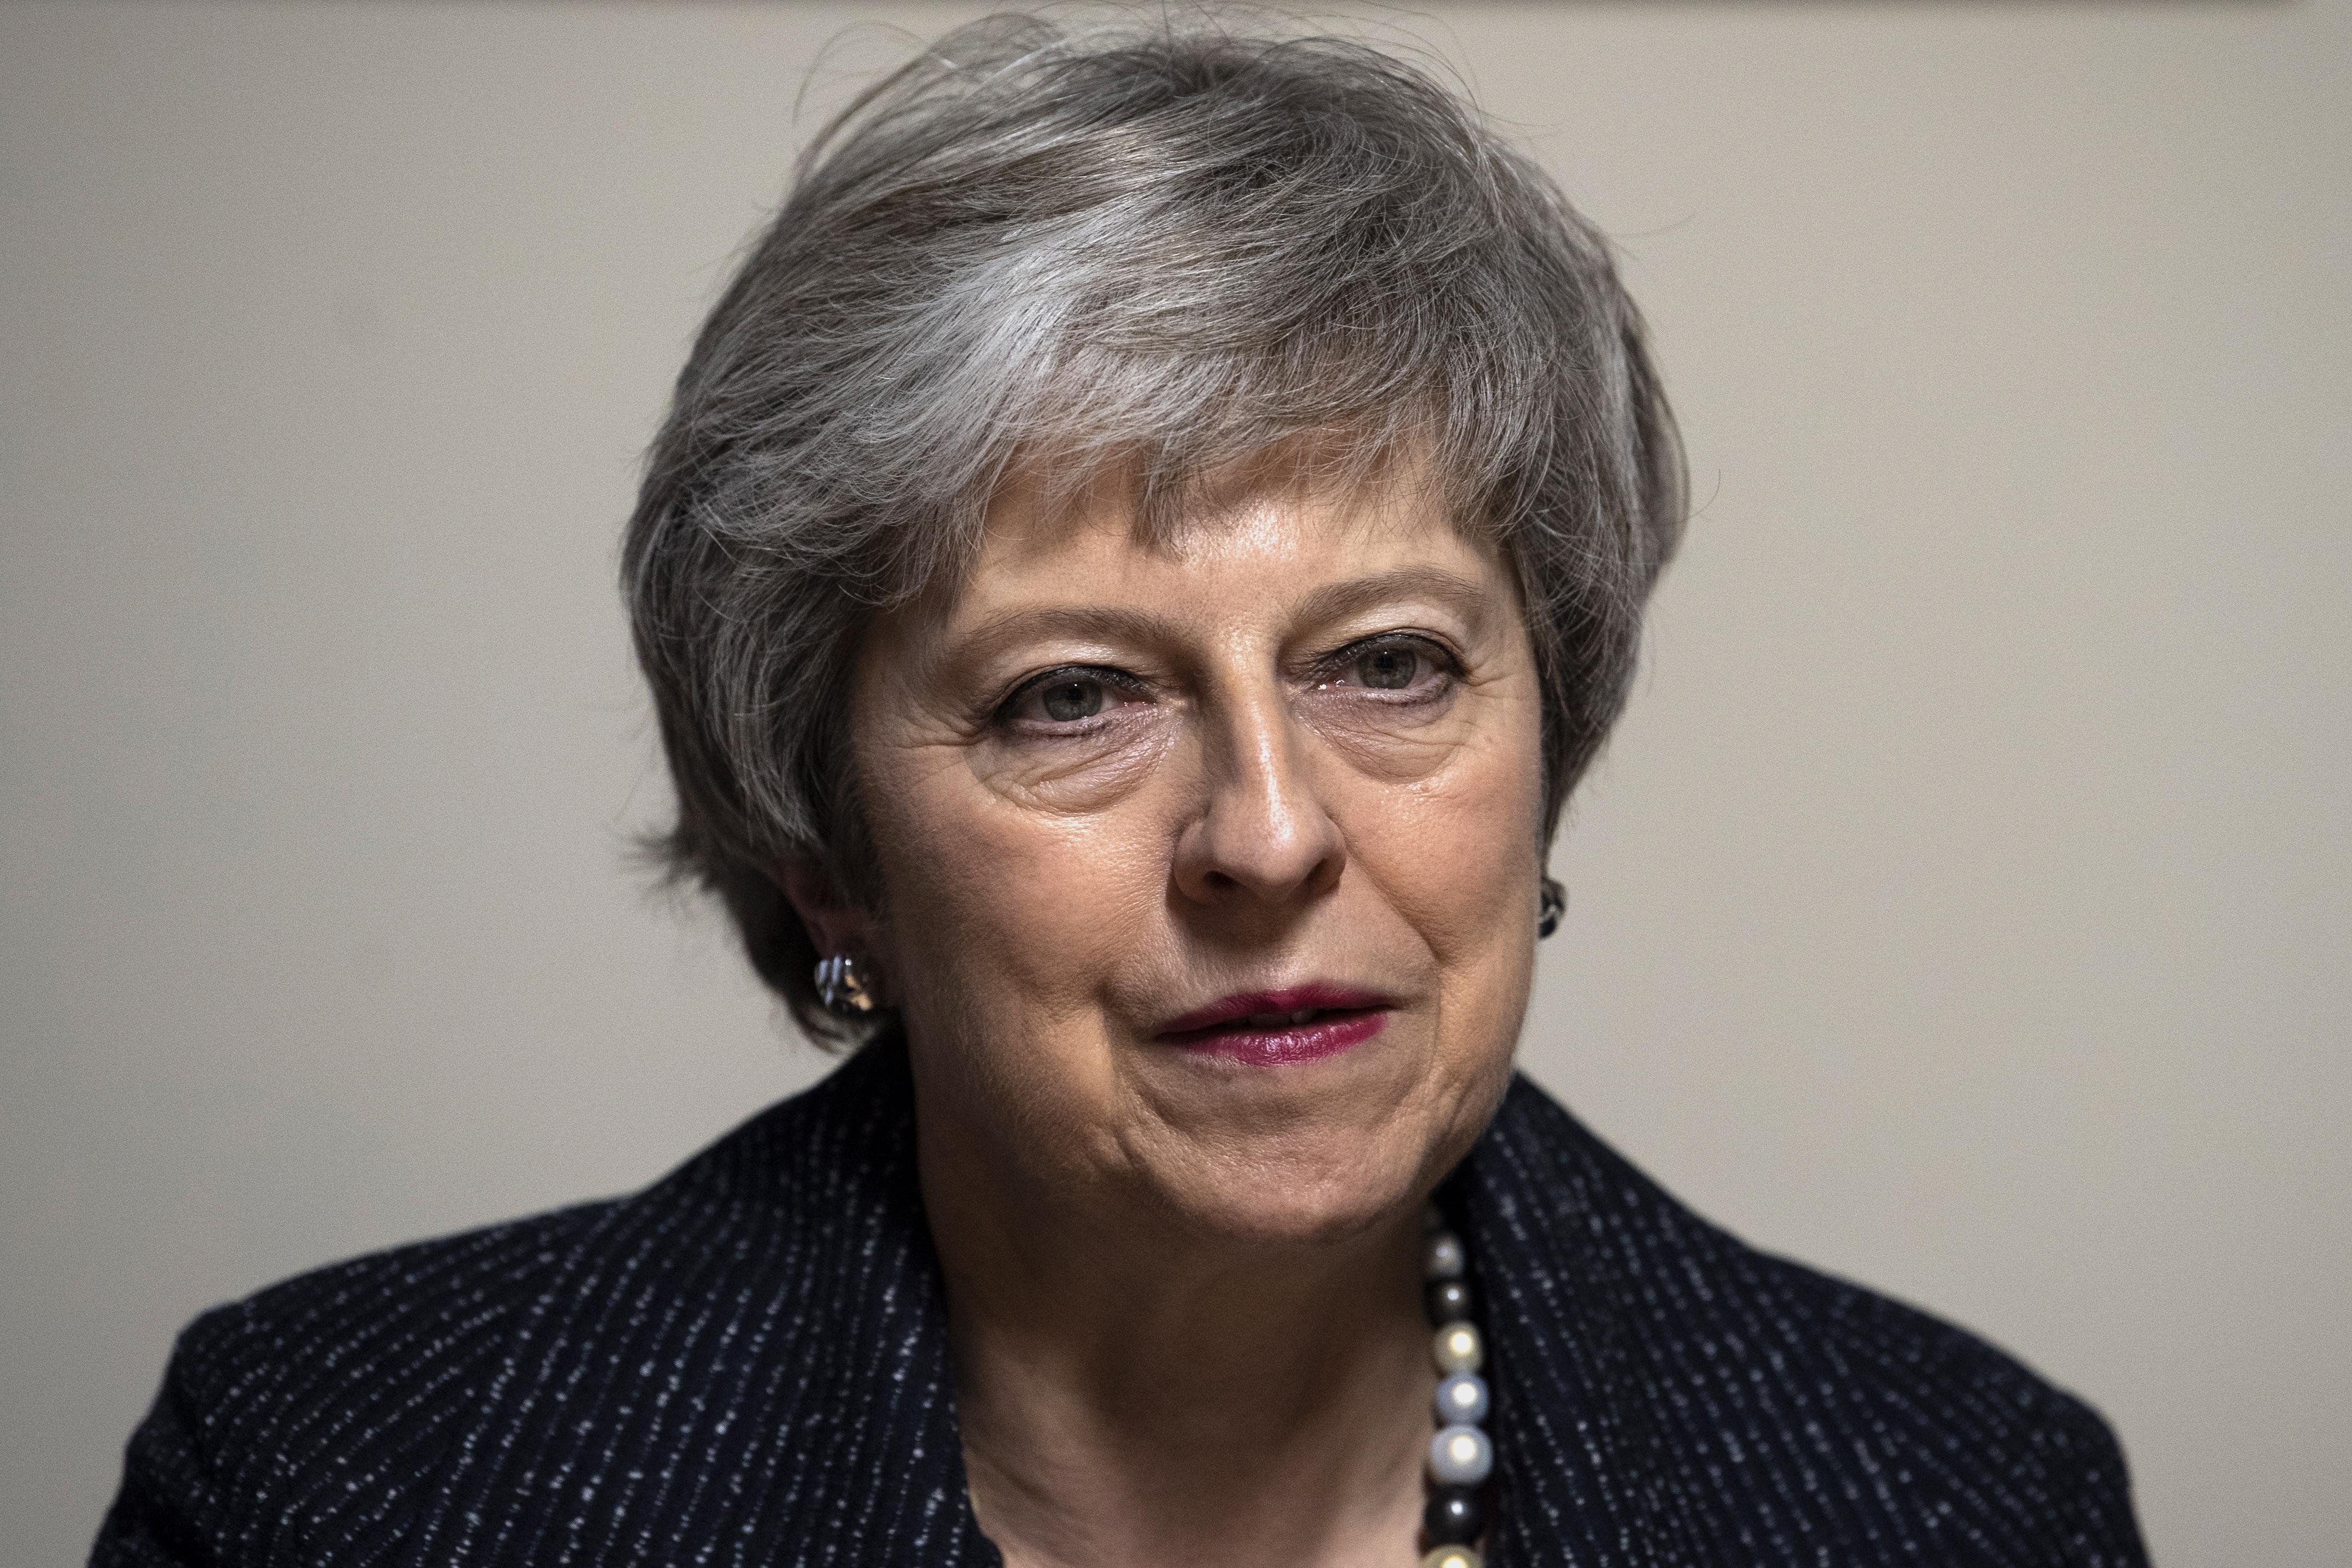 Theresa May misli da izbori u ovom trenutku nisu u britanskom nacionalnom interesu